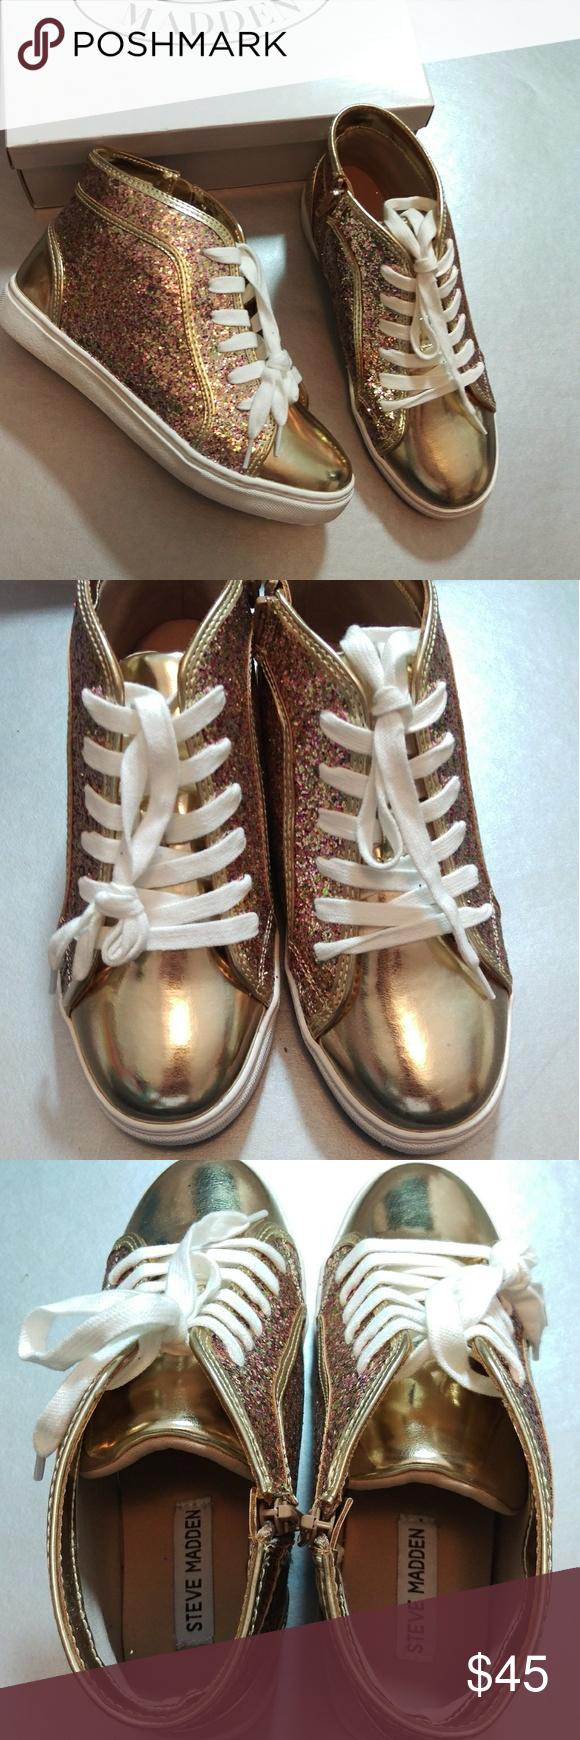 8f902da72e6 🌟New Steve Madden High Tops🌟 ITEM  New Steve Madden Girl s High Top  Sneaker